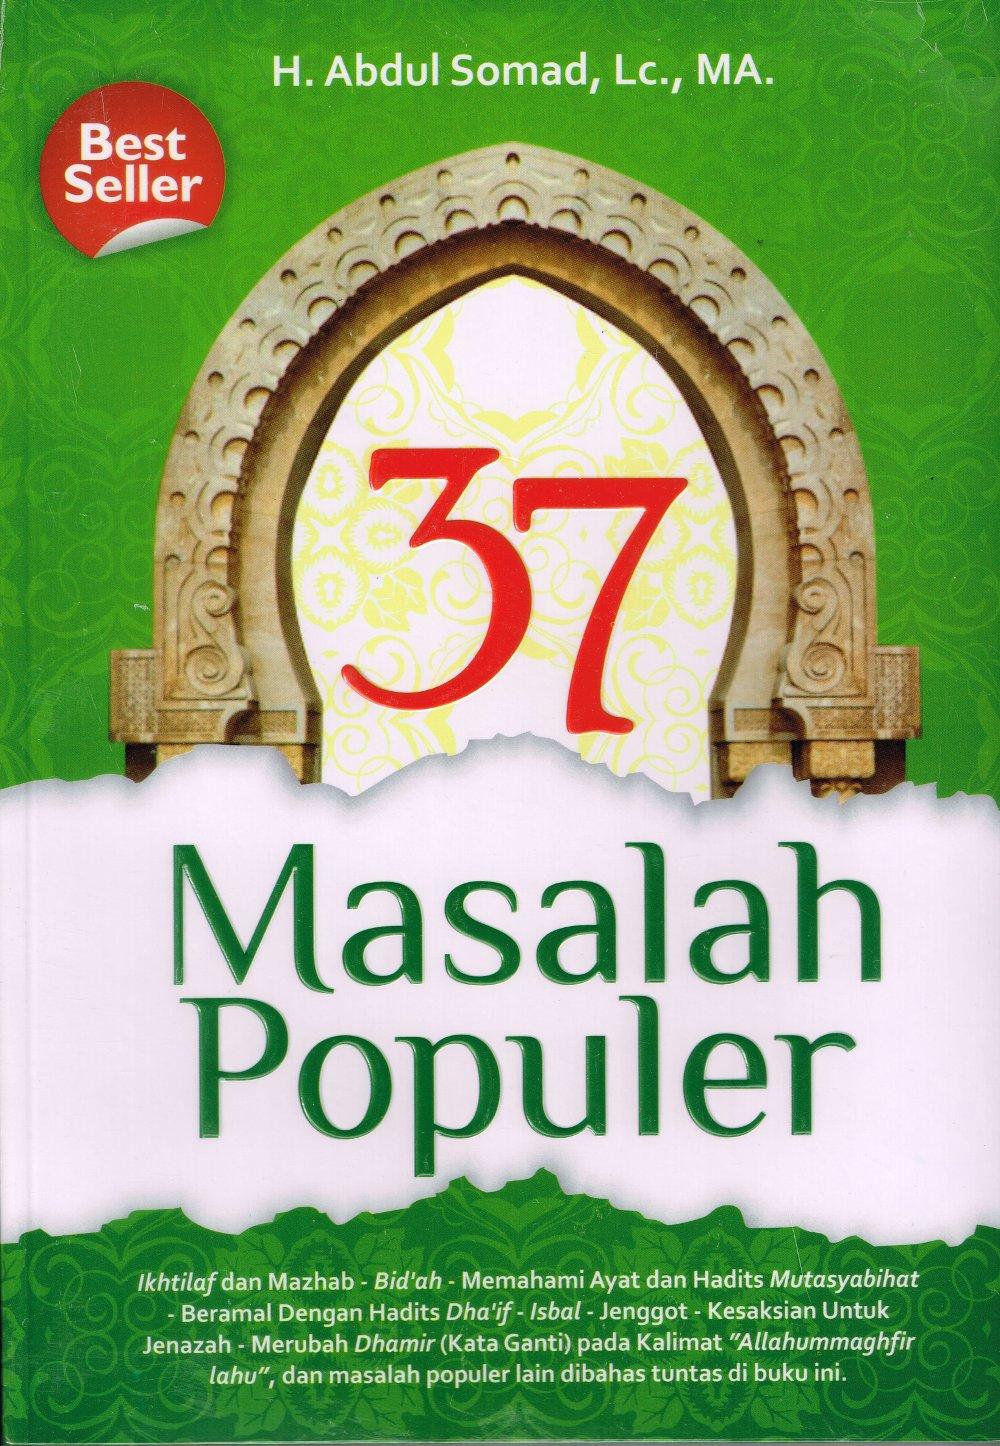 37_Masalah_Populer